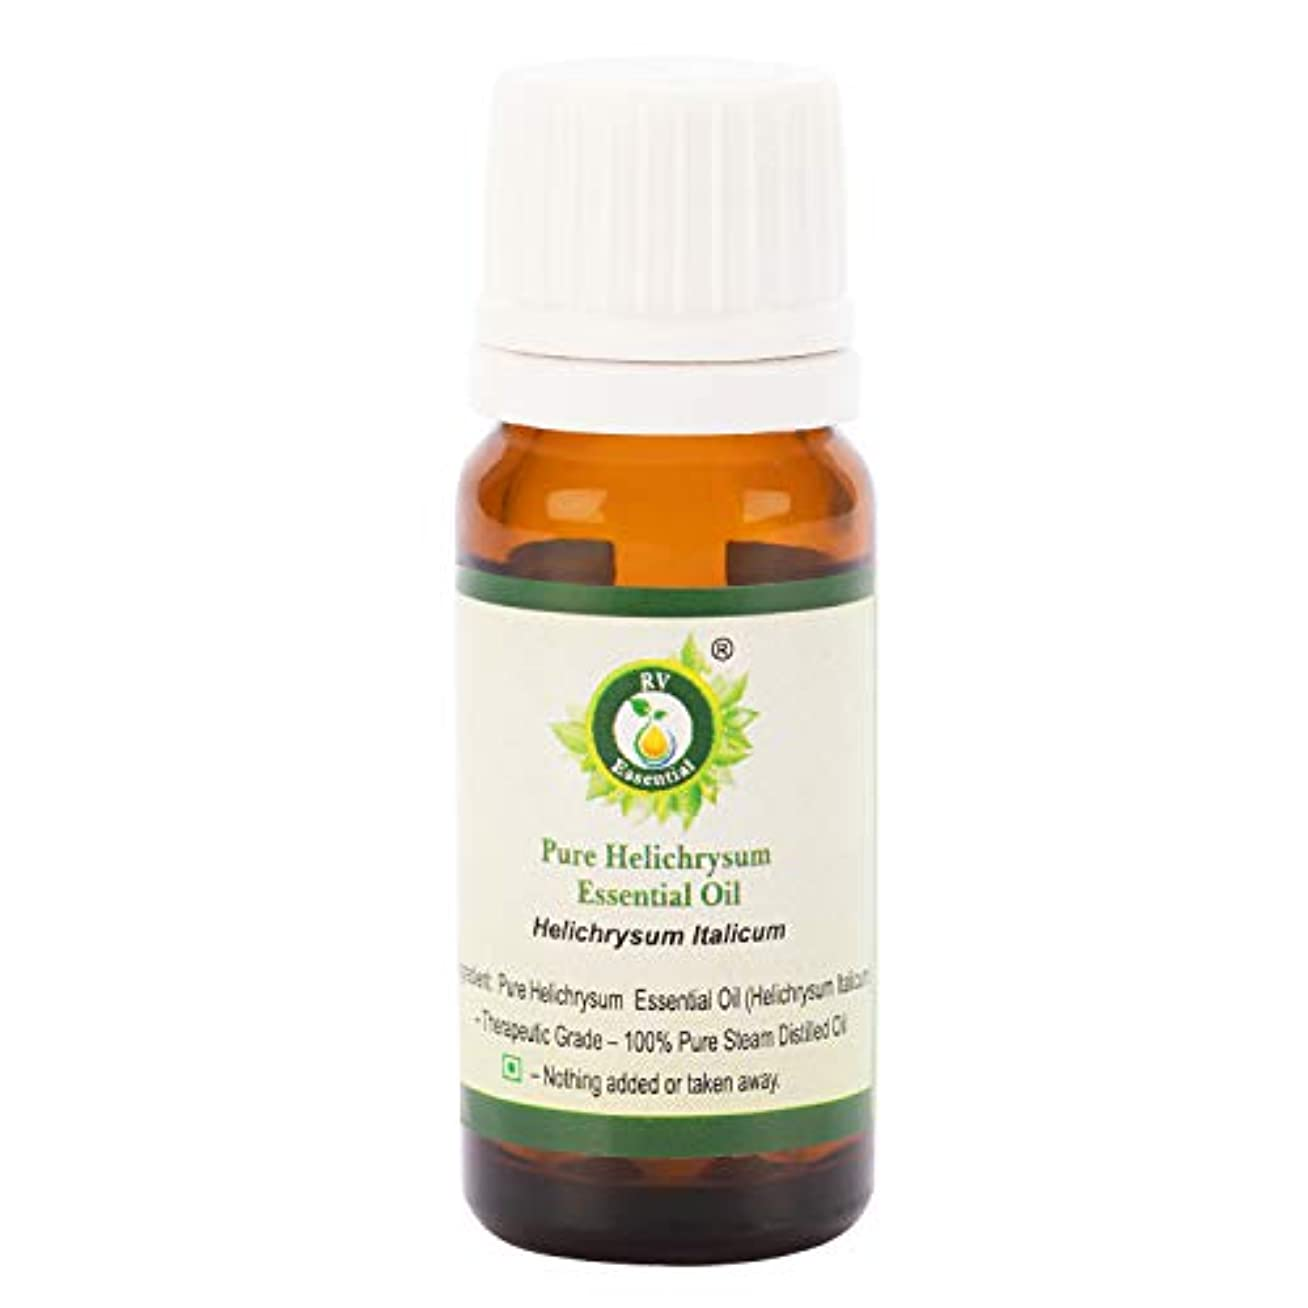 静める地域のアミューズピュアヘリクリサムエッセンシャルオイル300ml (10oz)- Helichrysum Italicum (100%純粋&天然スチームDistilled) Pure Helichrysum Essential Oil